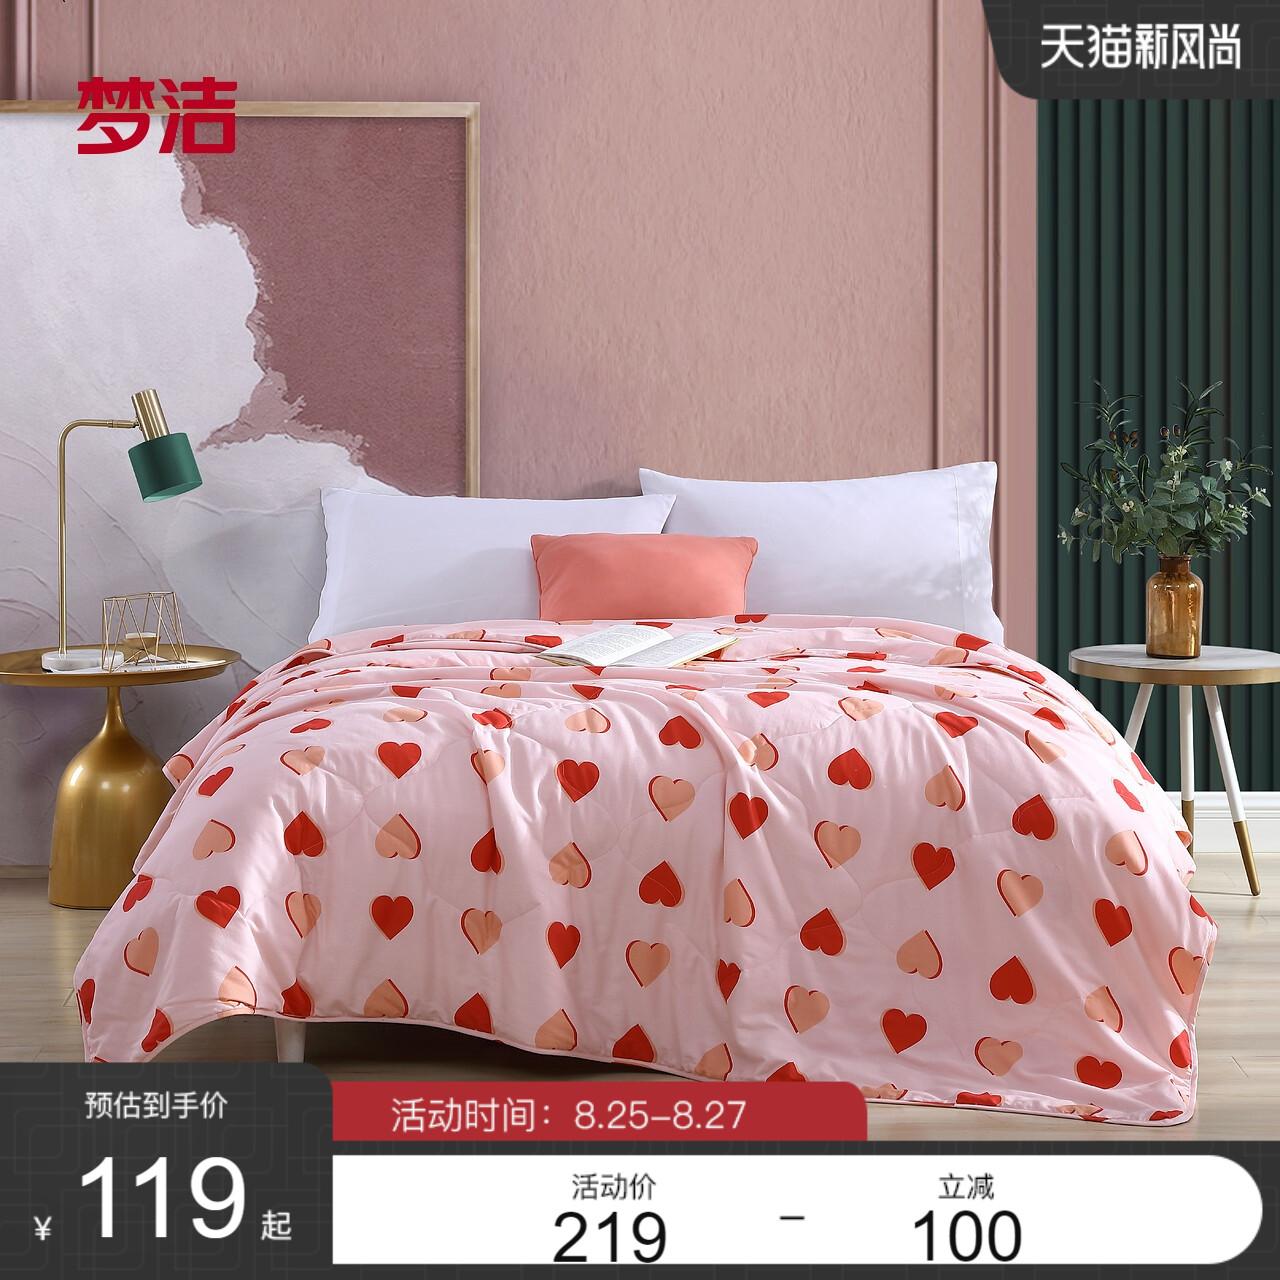 梦洁家纺纯棉印花抗菌清爽被夏凉被全棉纯棉空调被可爱风少女时代